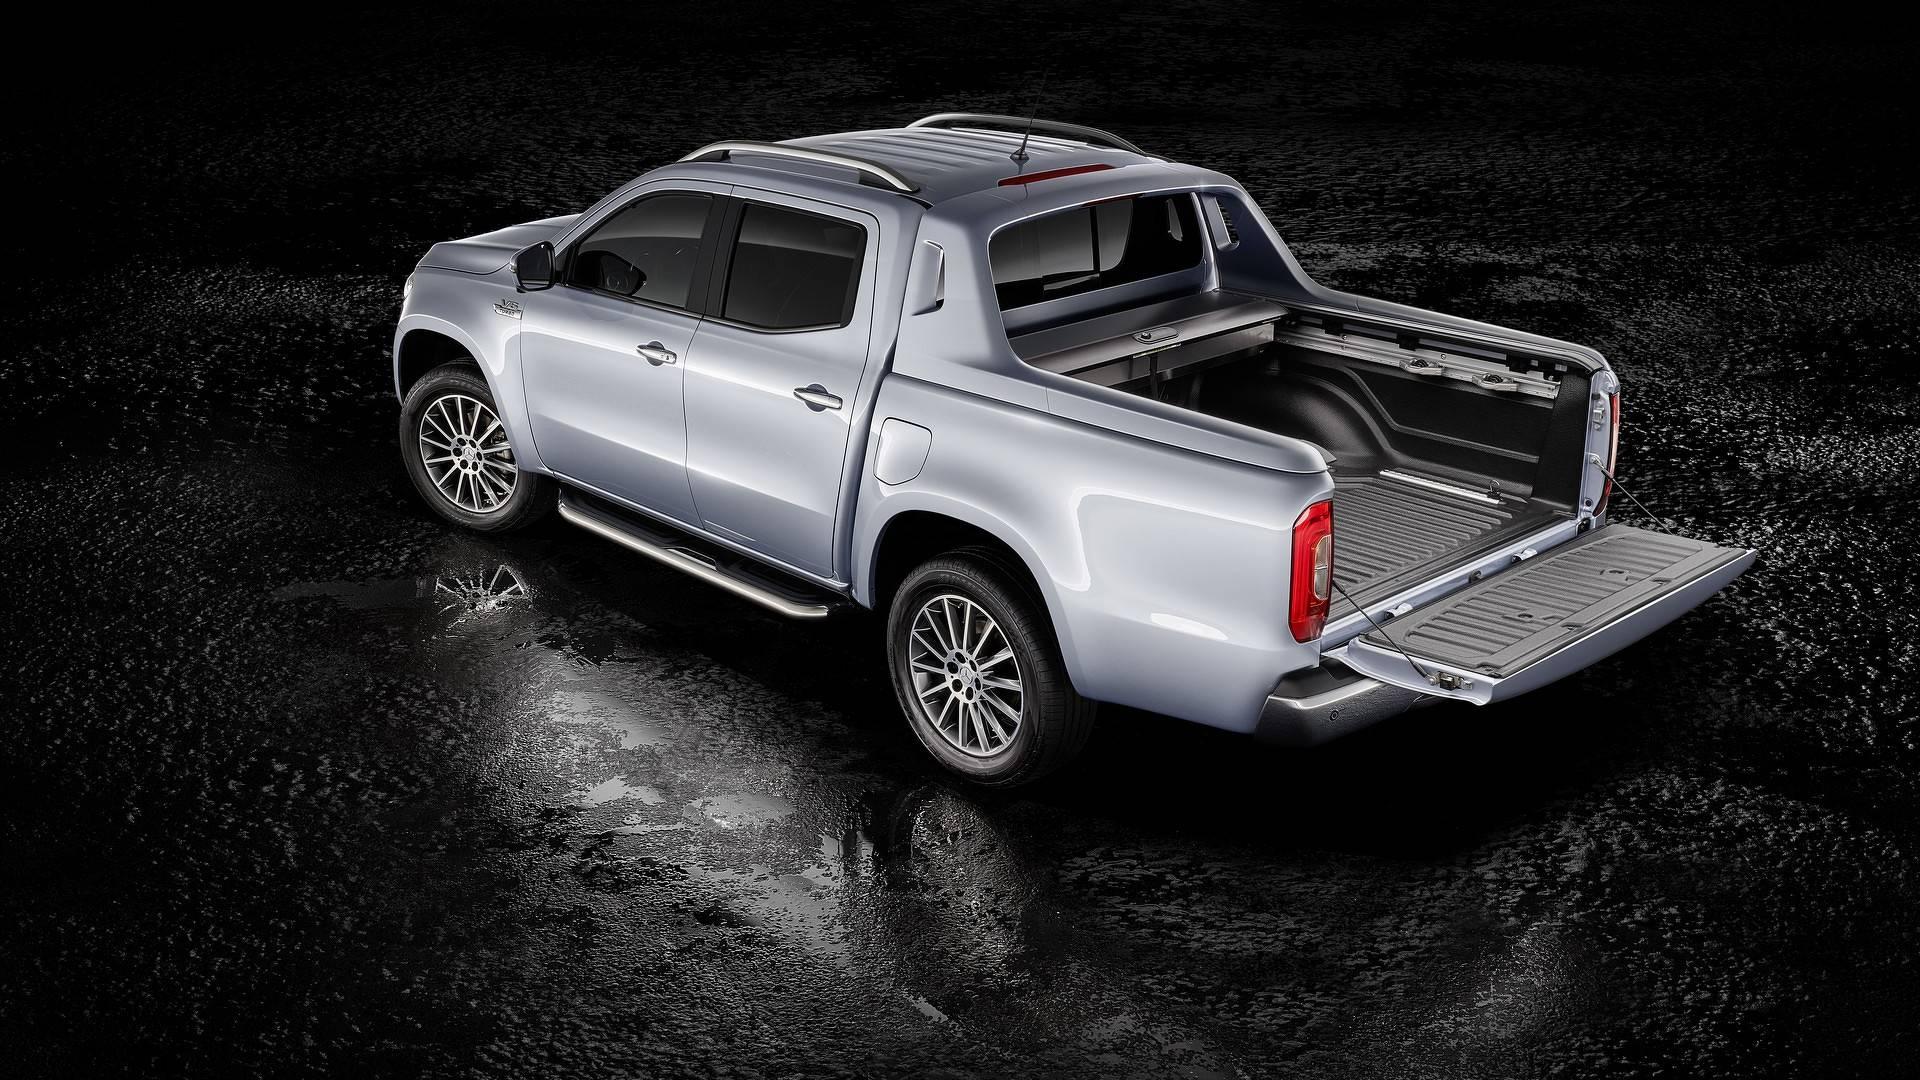 Llega el Mercedes Clase X 350 d 4MATIC con el motor V6 diésel